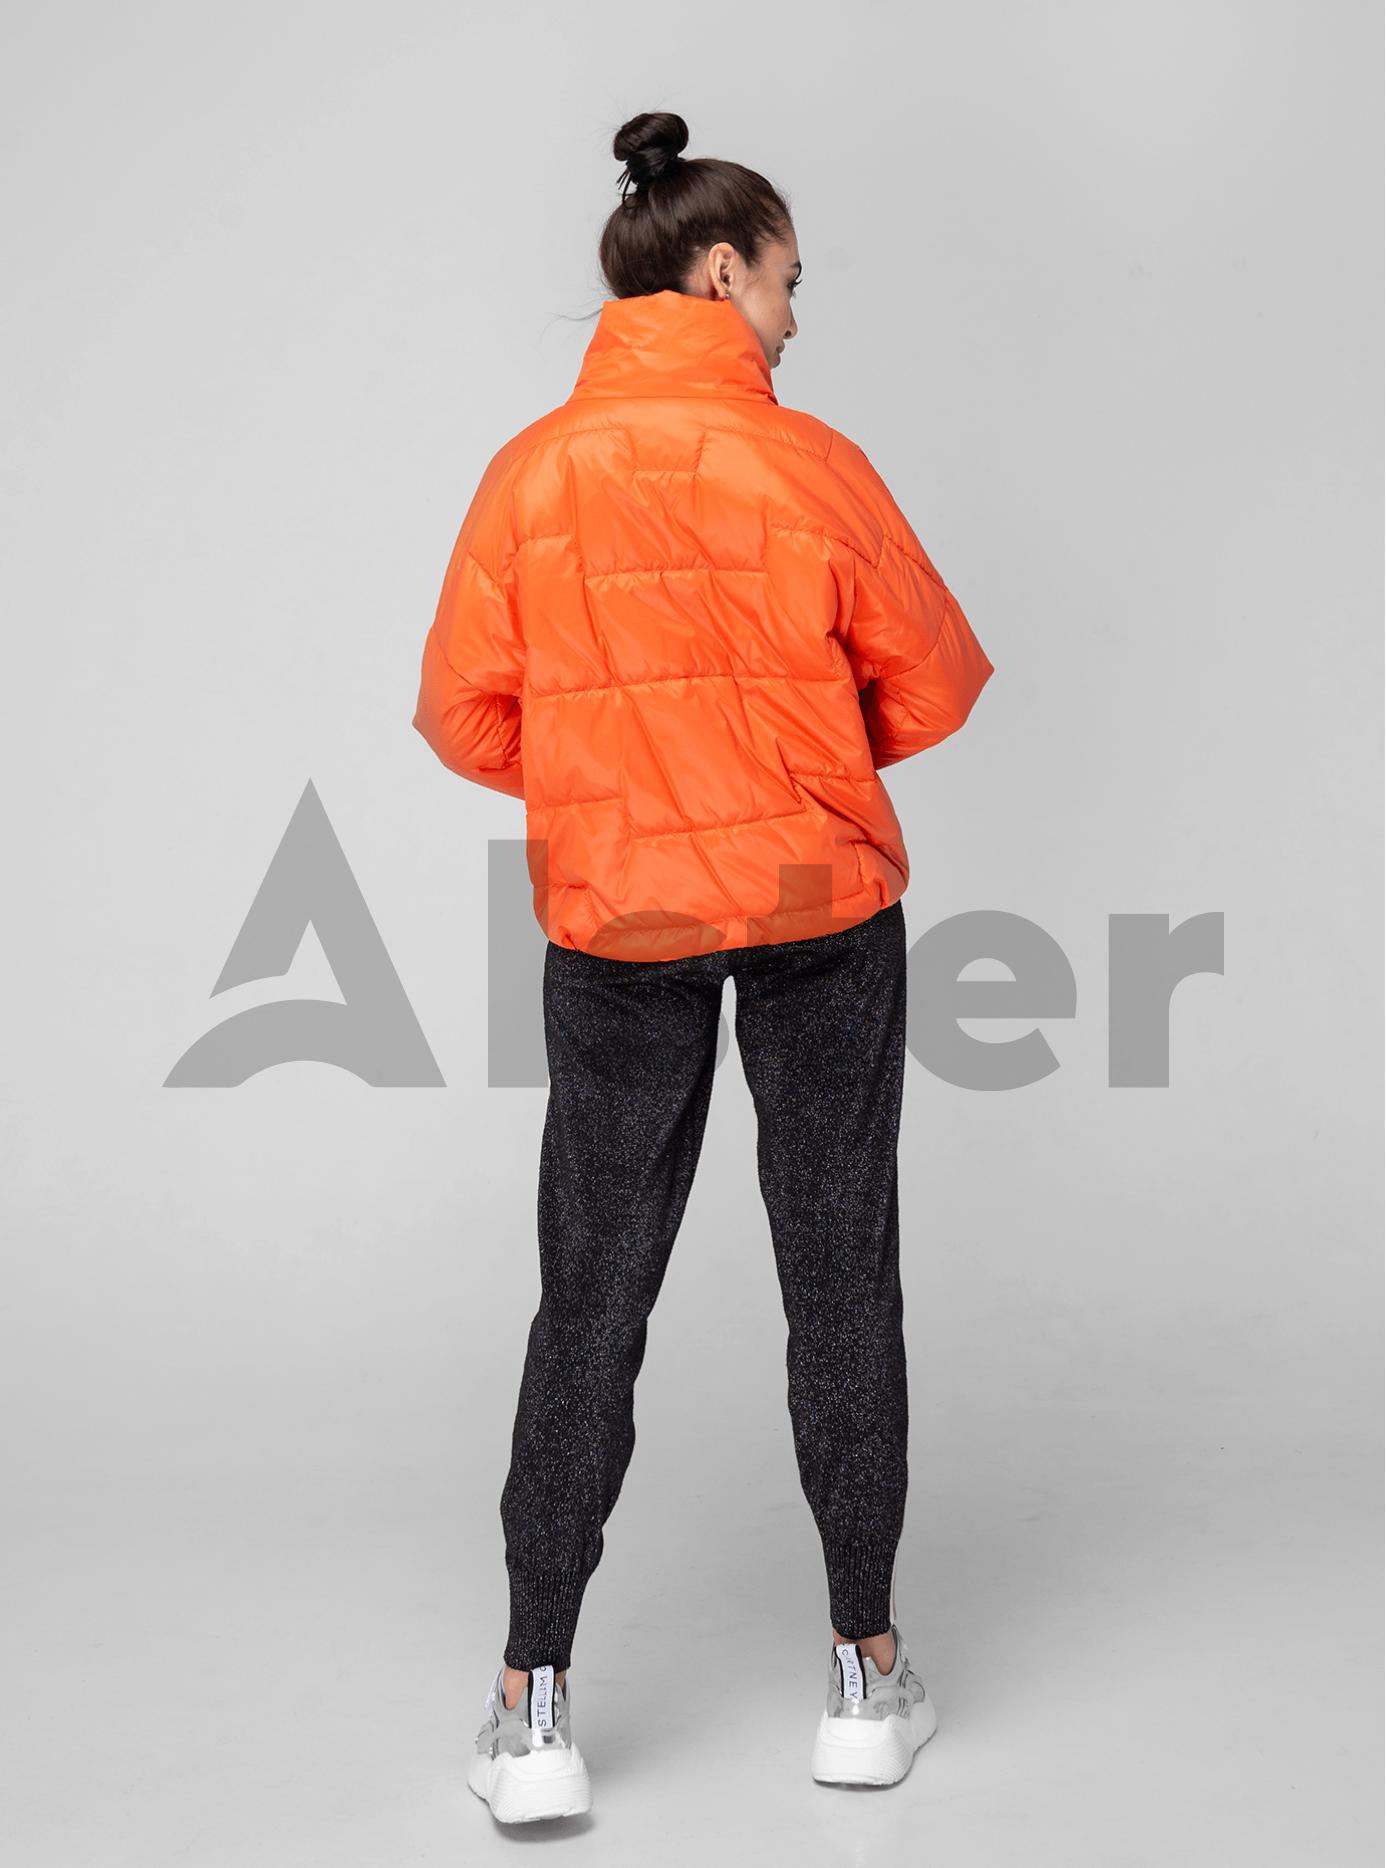 Куртка женская весна/осень Оранжевый 40 (02-KT190116): фото - Alster.ua